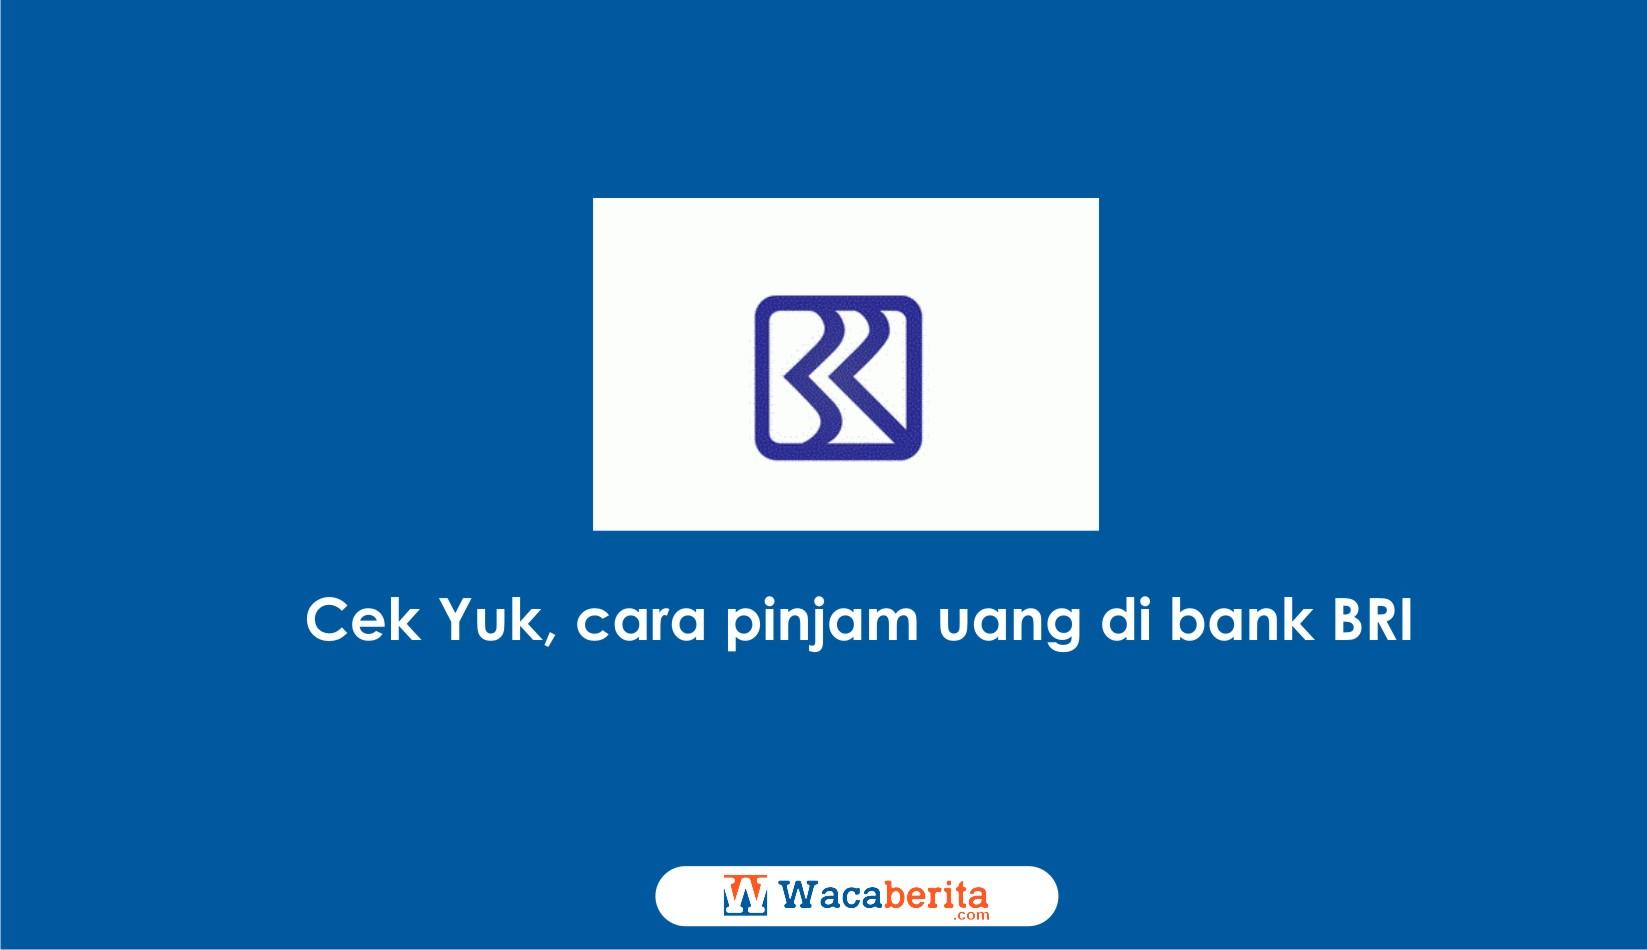 Cek Yuk, cara pinjam uang di bank bri